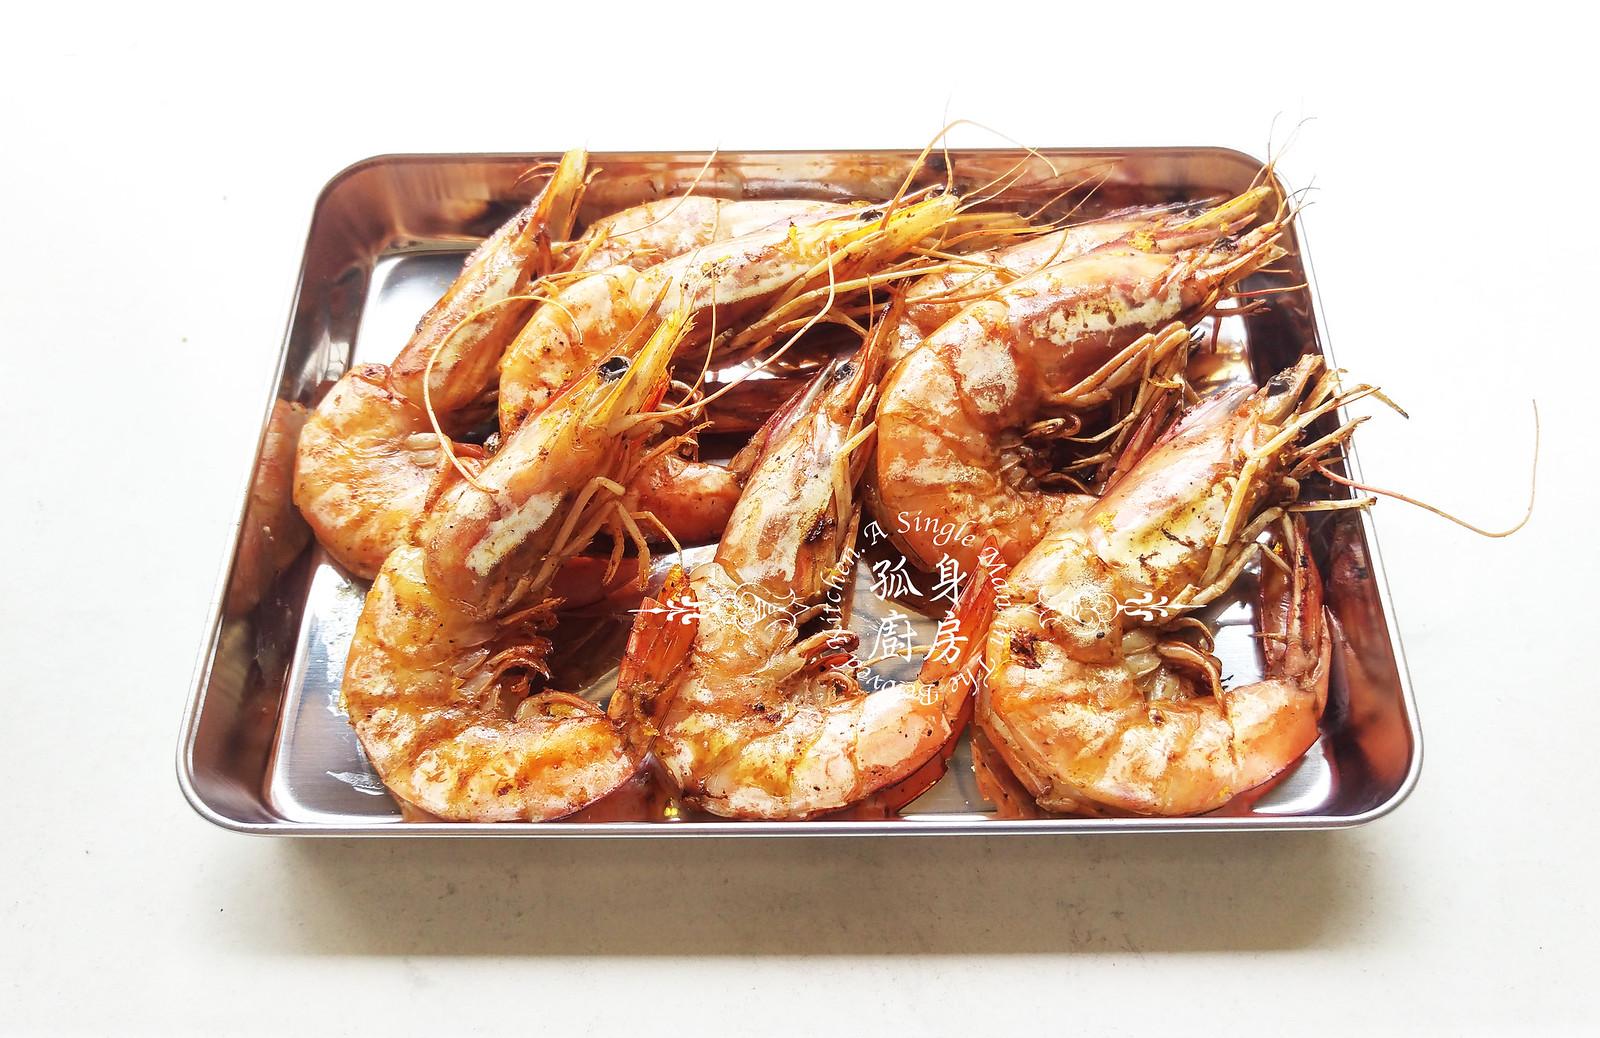 孤身廚房-墨西哥烤紅爐蝦酪梨芒果莎莎醬塔可(下)-烤紅爐蝦酪梨芒果莎莎醬6